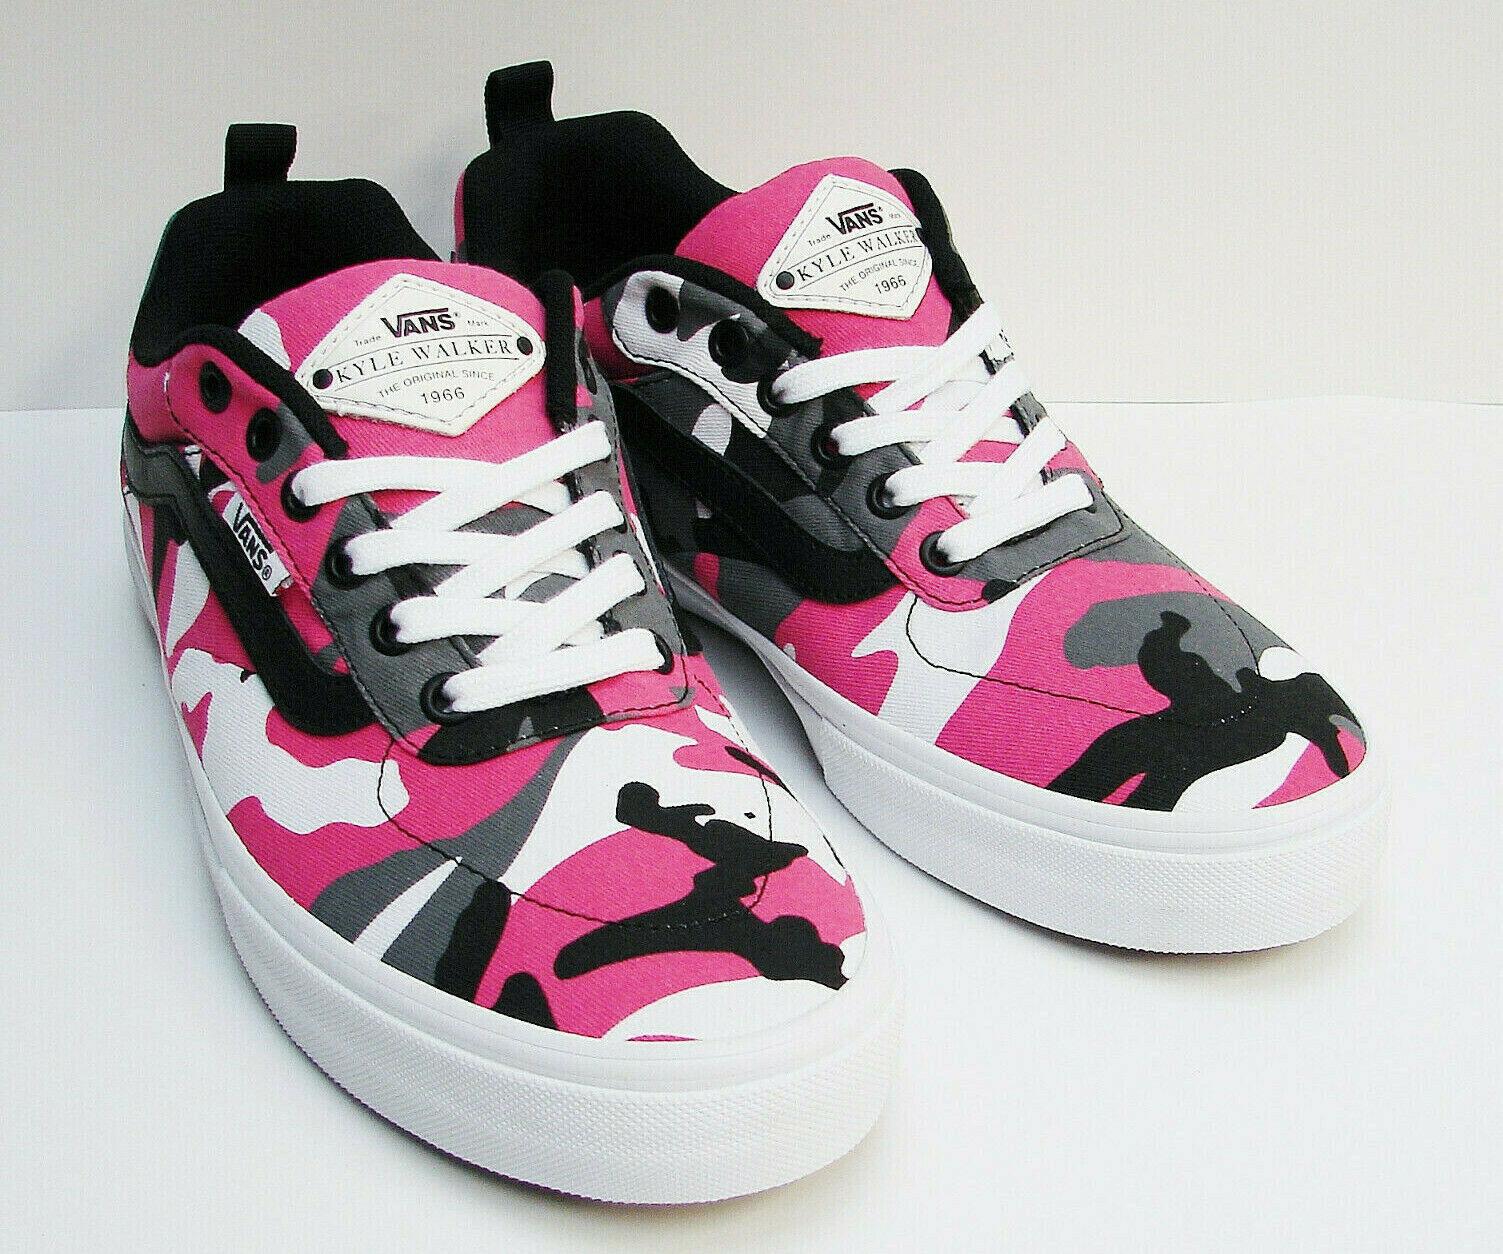 Kyle Walker Pro B Skate Shoes Size 9.5